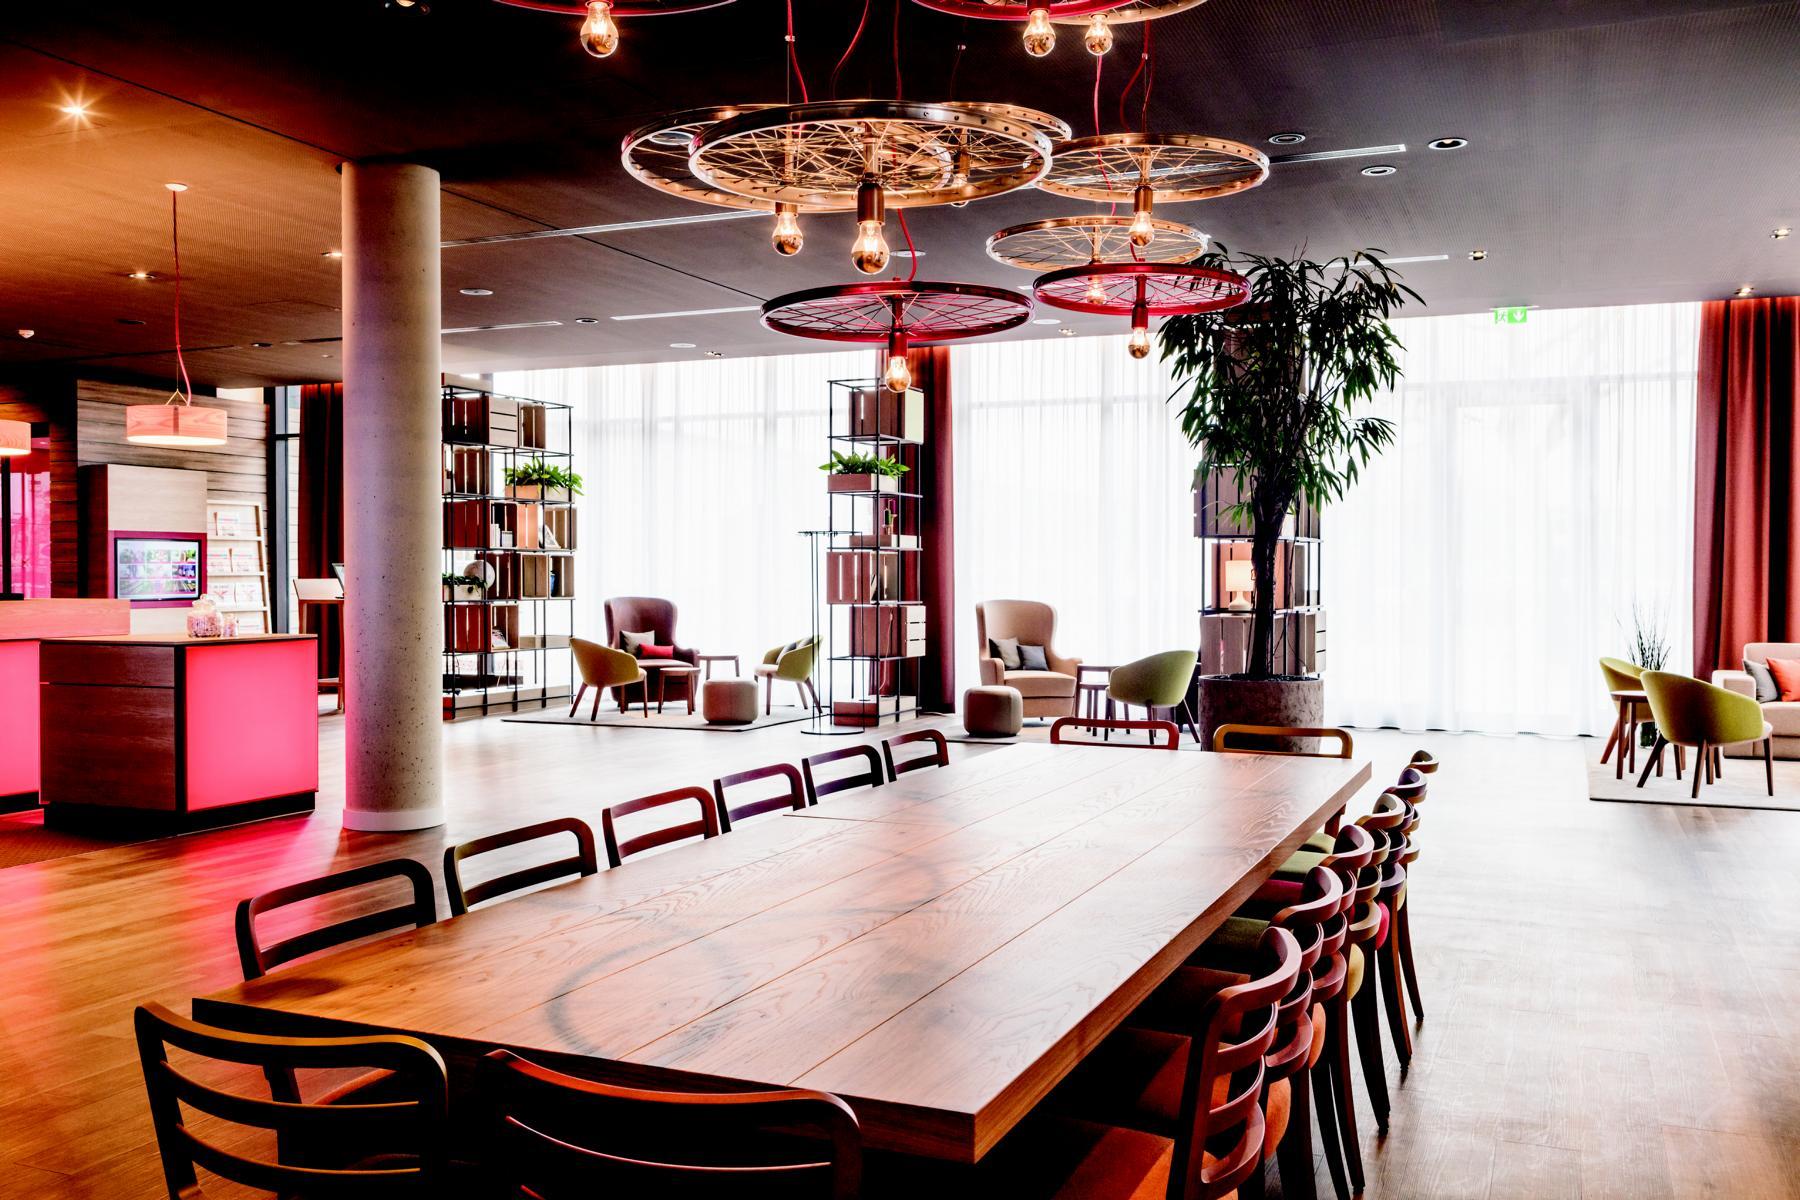 Intercity hotel braunschweig 2016 for Design hotel braunschweig